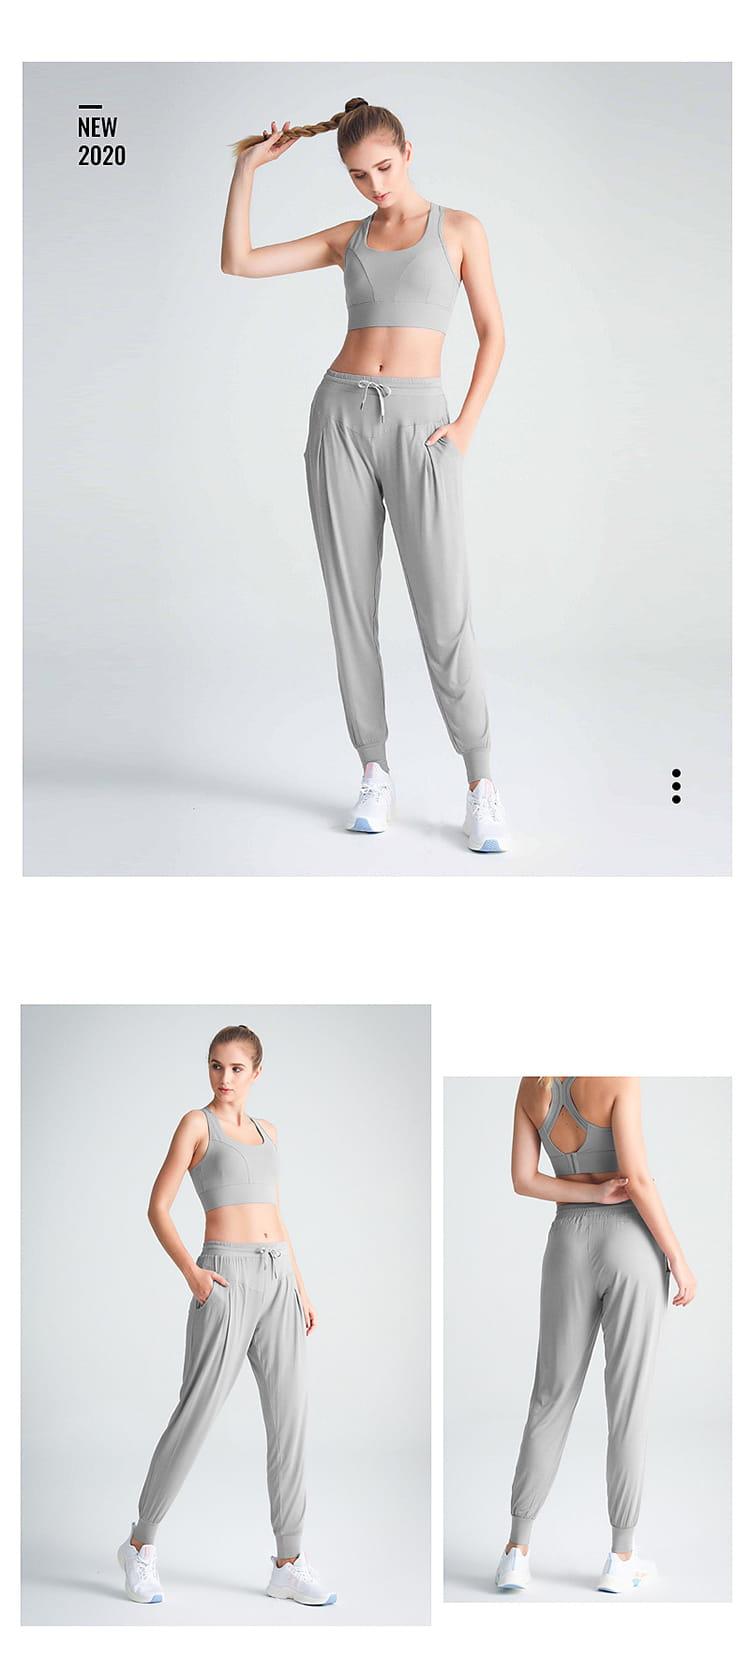 【JAR嚴選】速乾透氣哈倫褲瑜珈褲九分褲 14